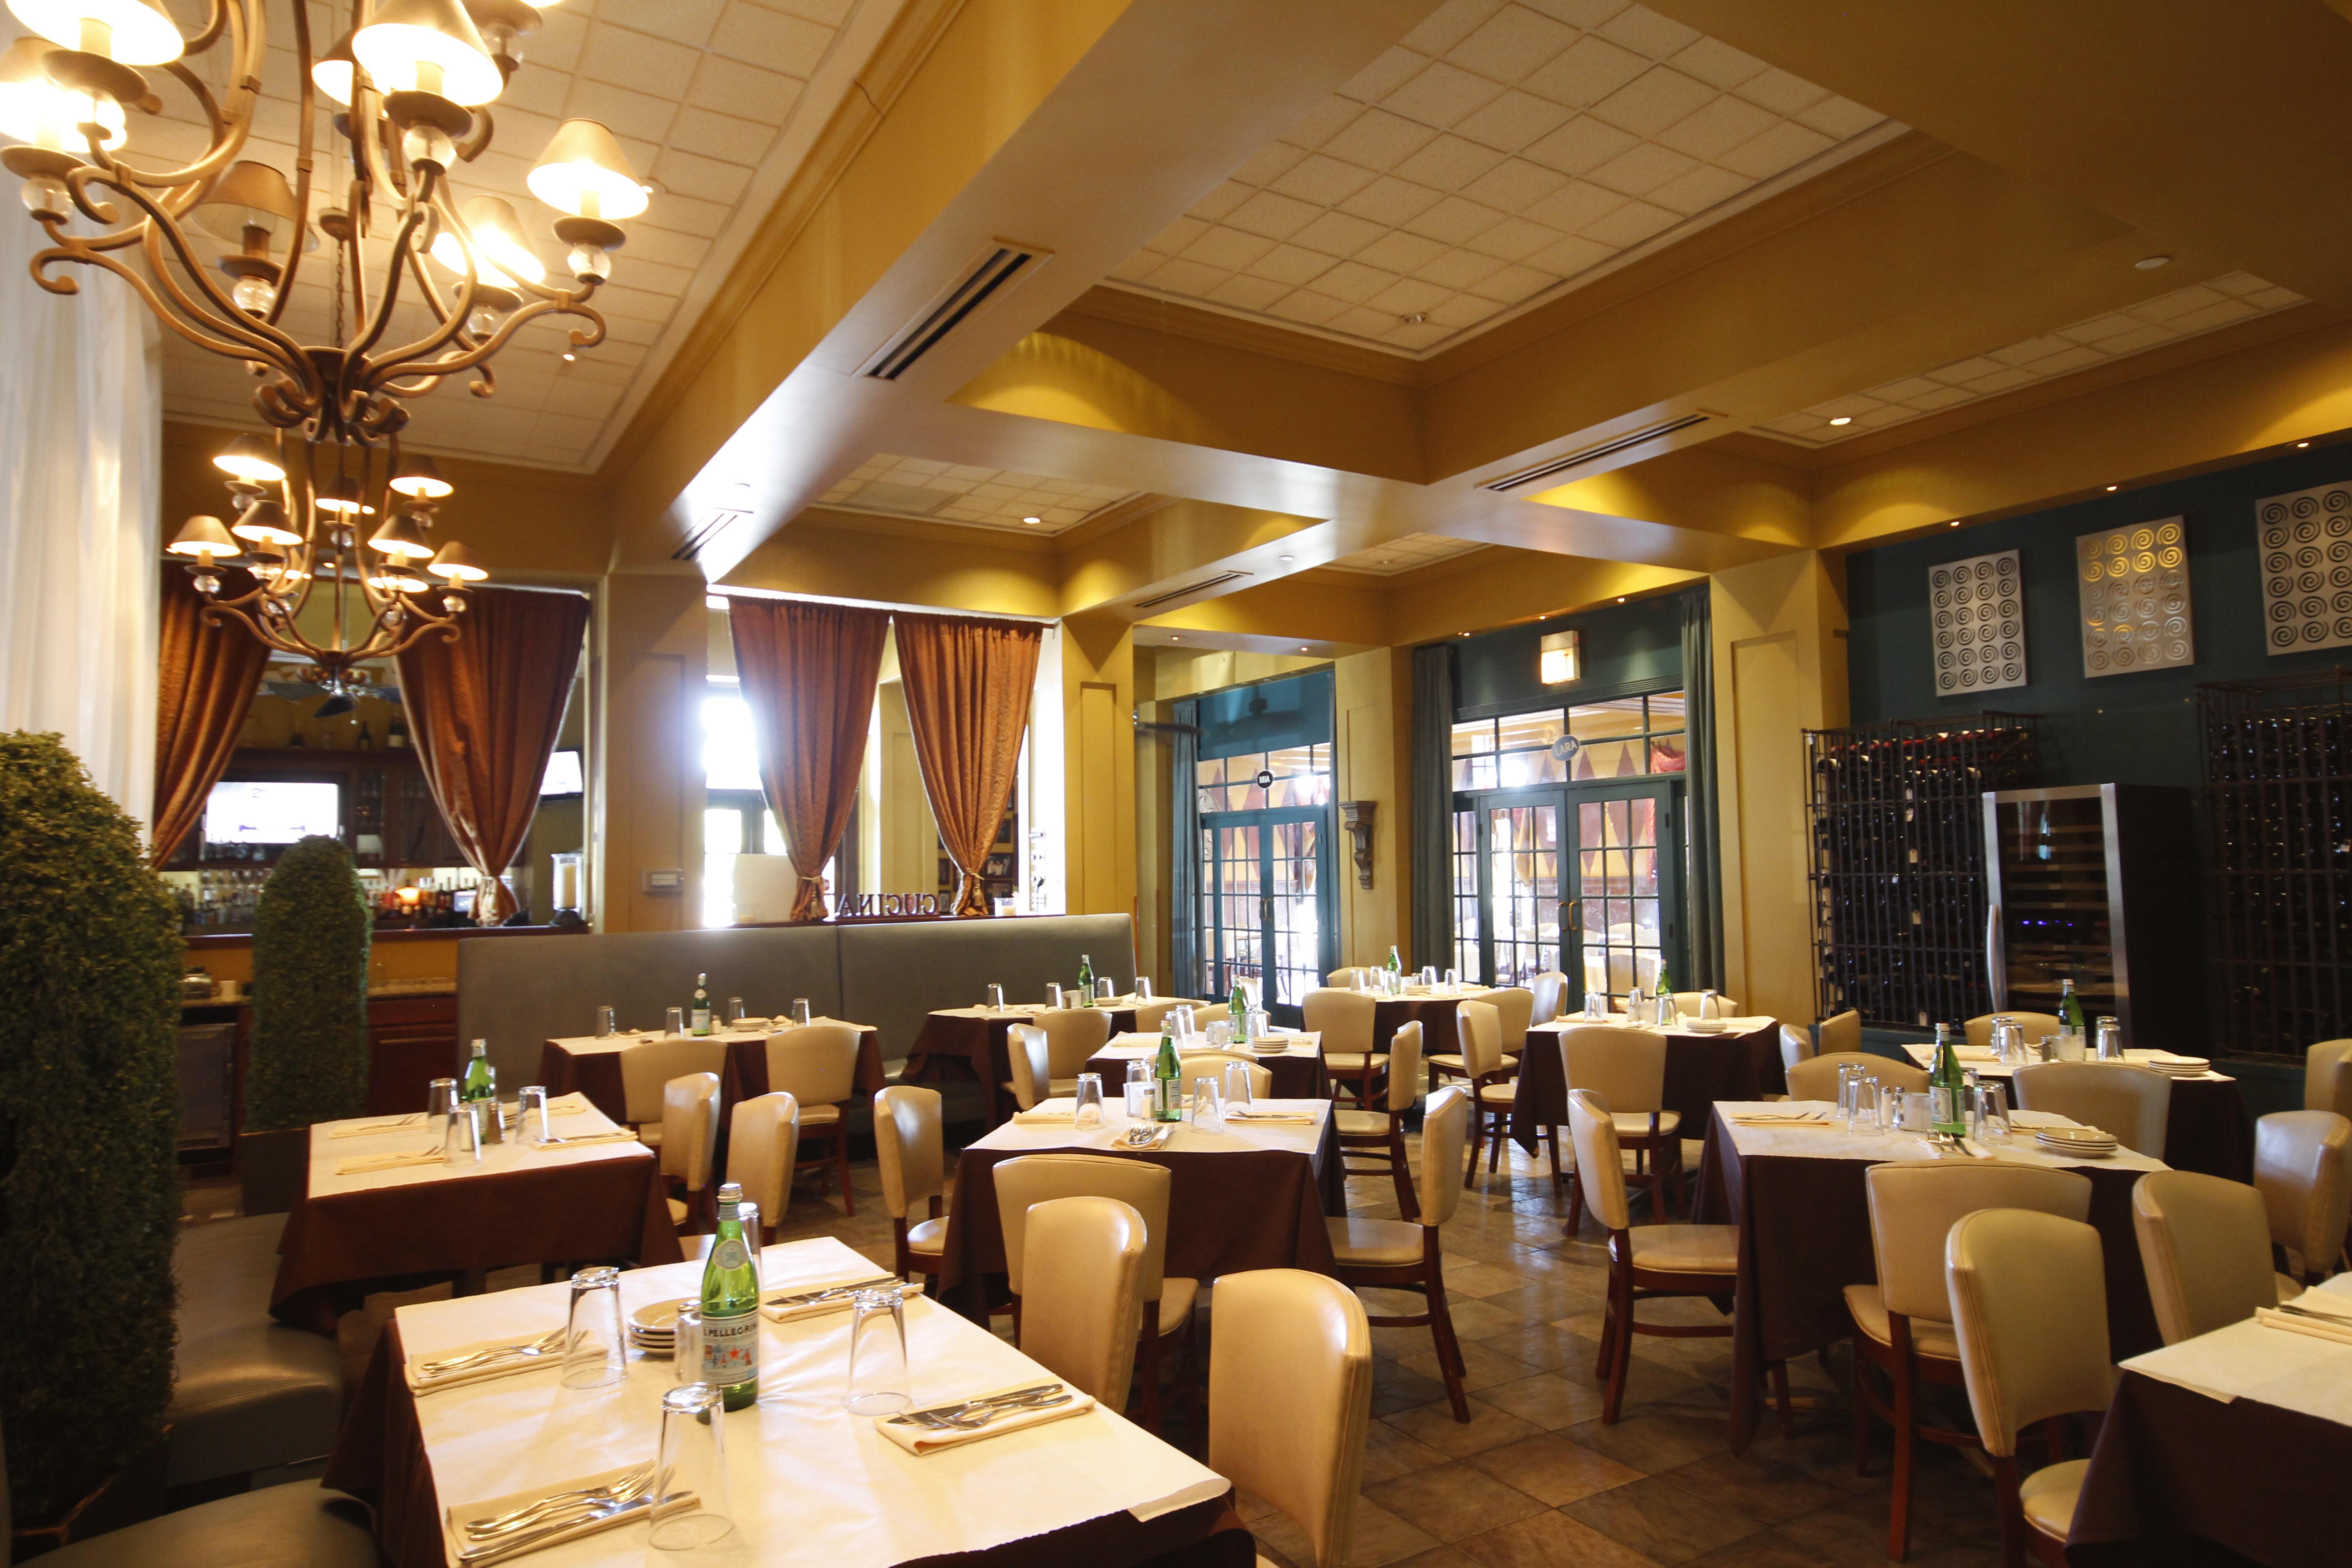 Restaurant & Bar | Cucina Biagio